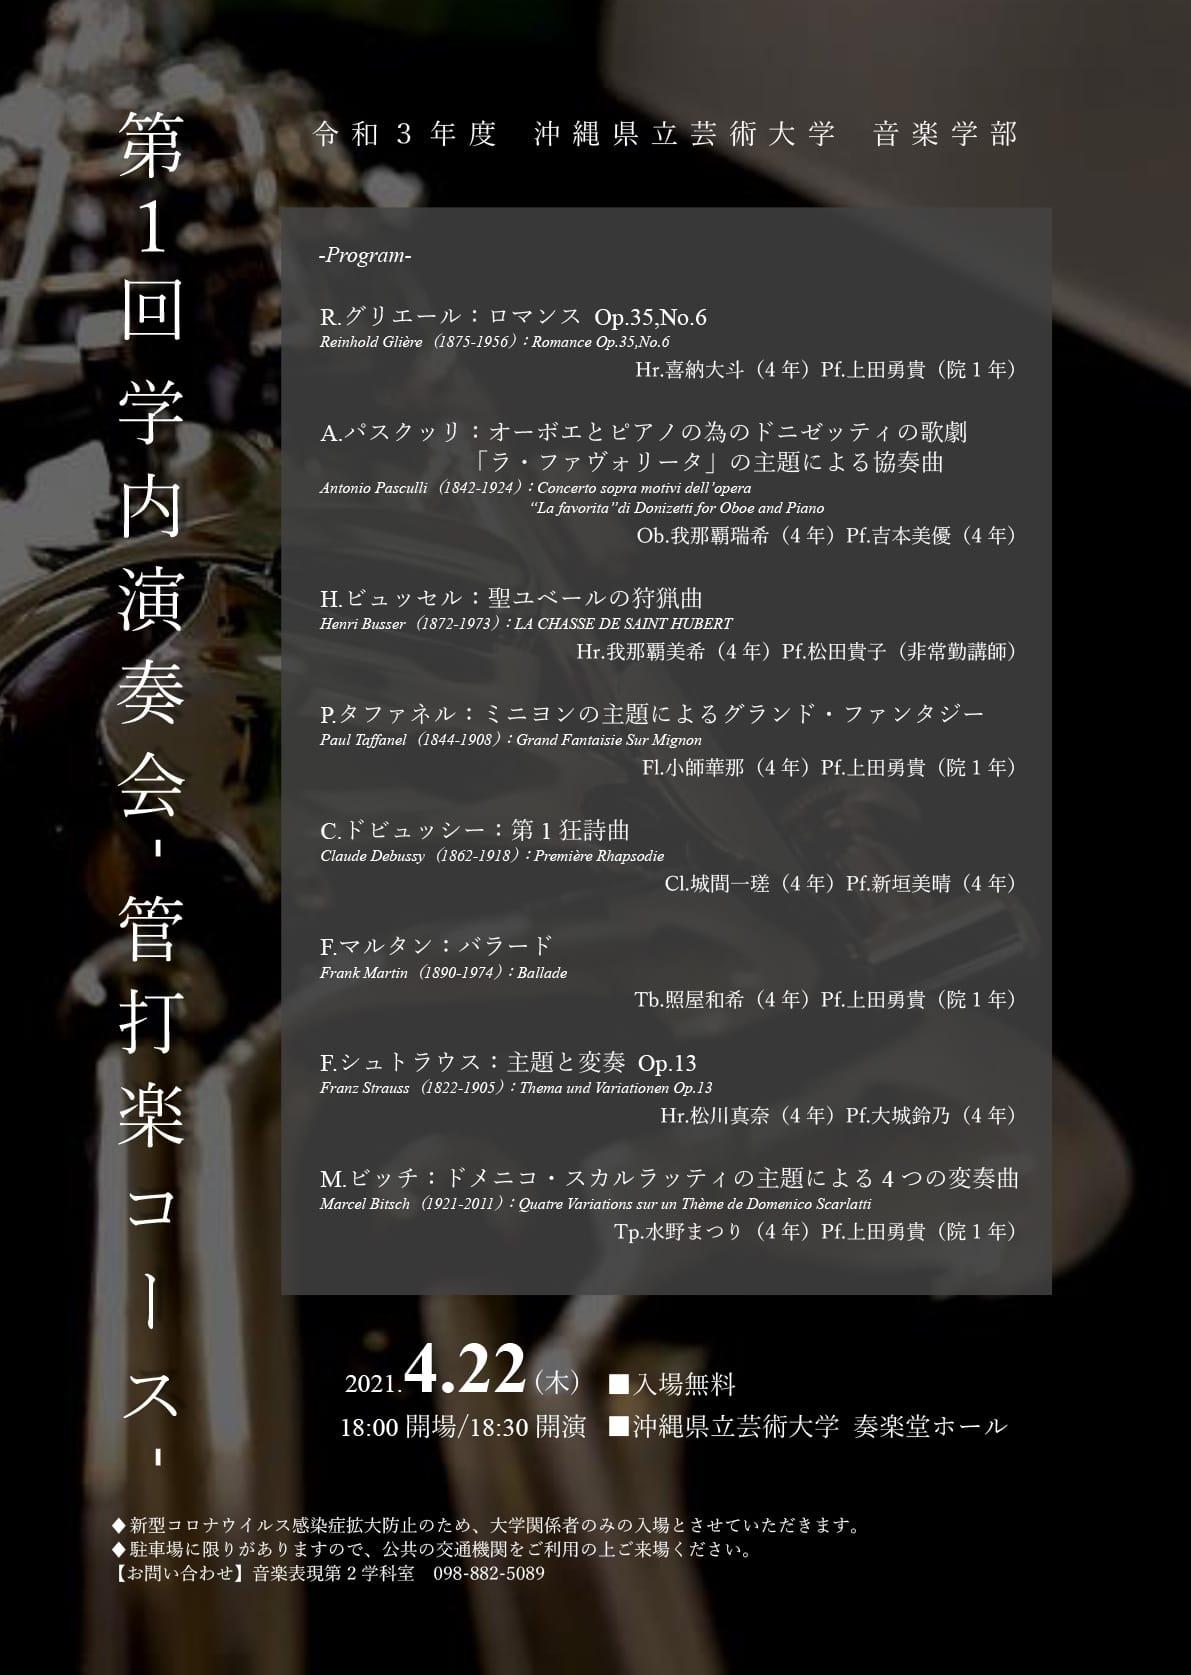 [フライヤー]第1回学内演奏会 ―管打楽コース―